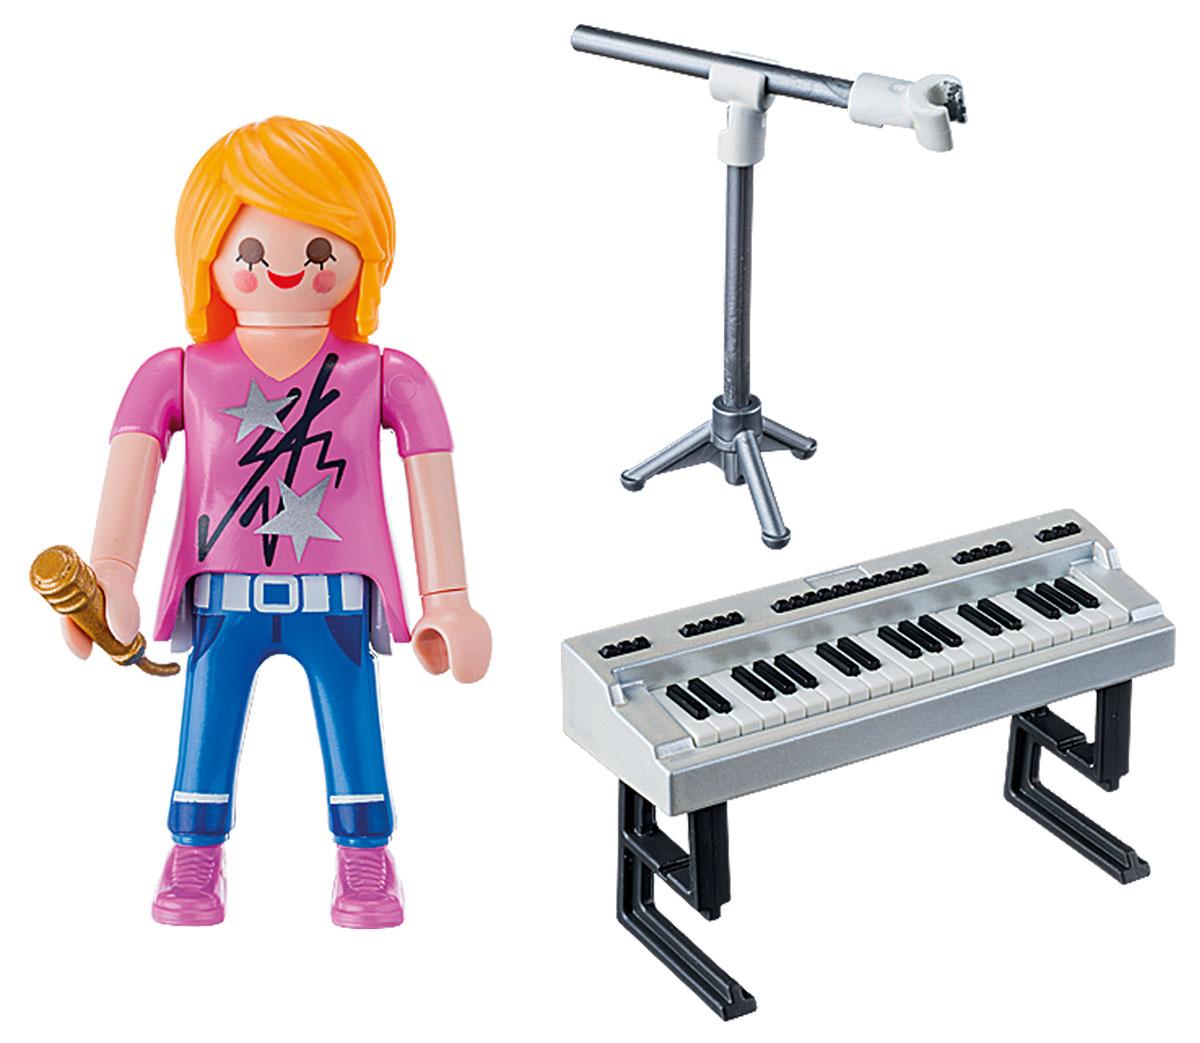 Playmobil Игровой набор Экстра-набор Певица с синтезатором свитшот мужской с полной запечаткой printio акула